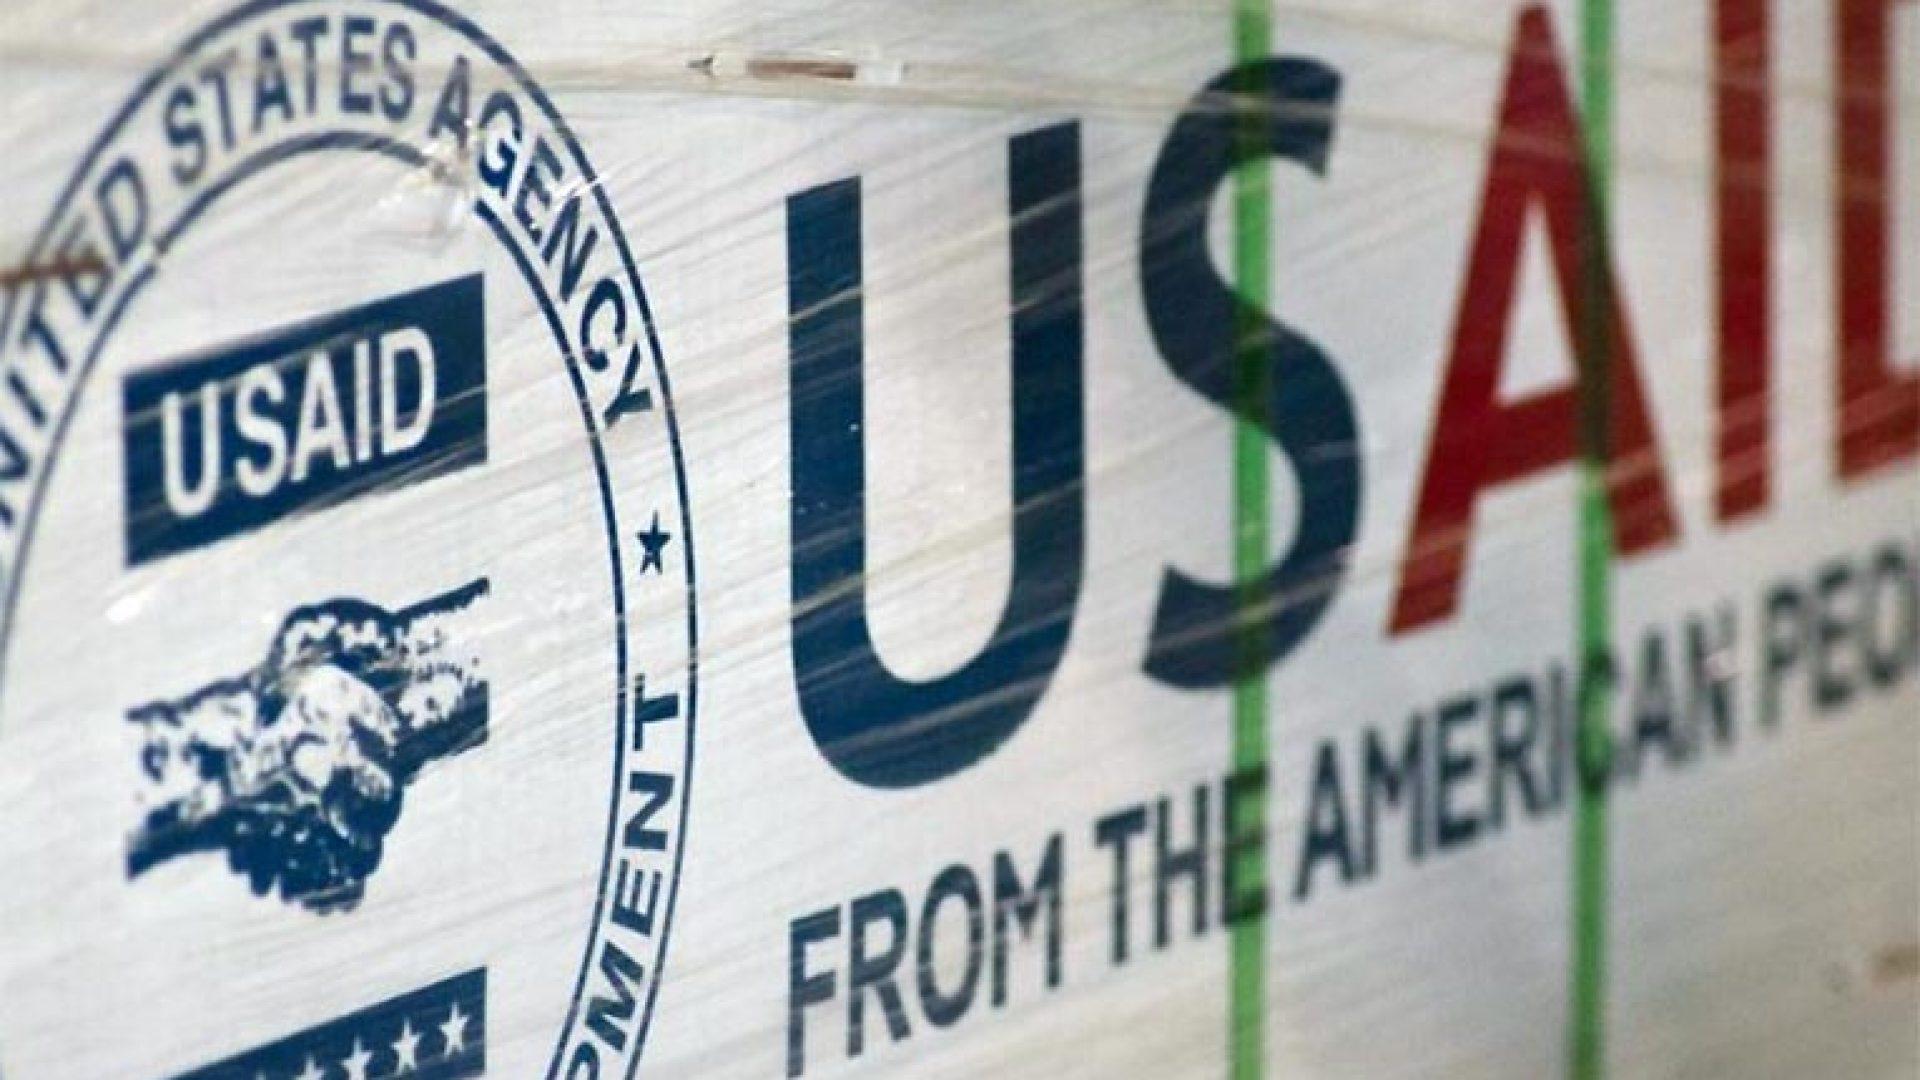 Грант від USAID: які проблеми аграрії сходу зможуть вирішити?